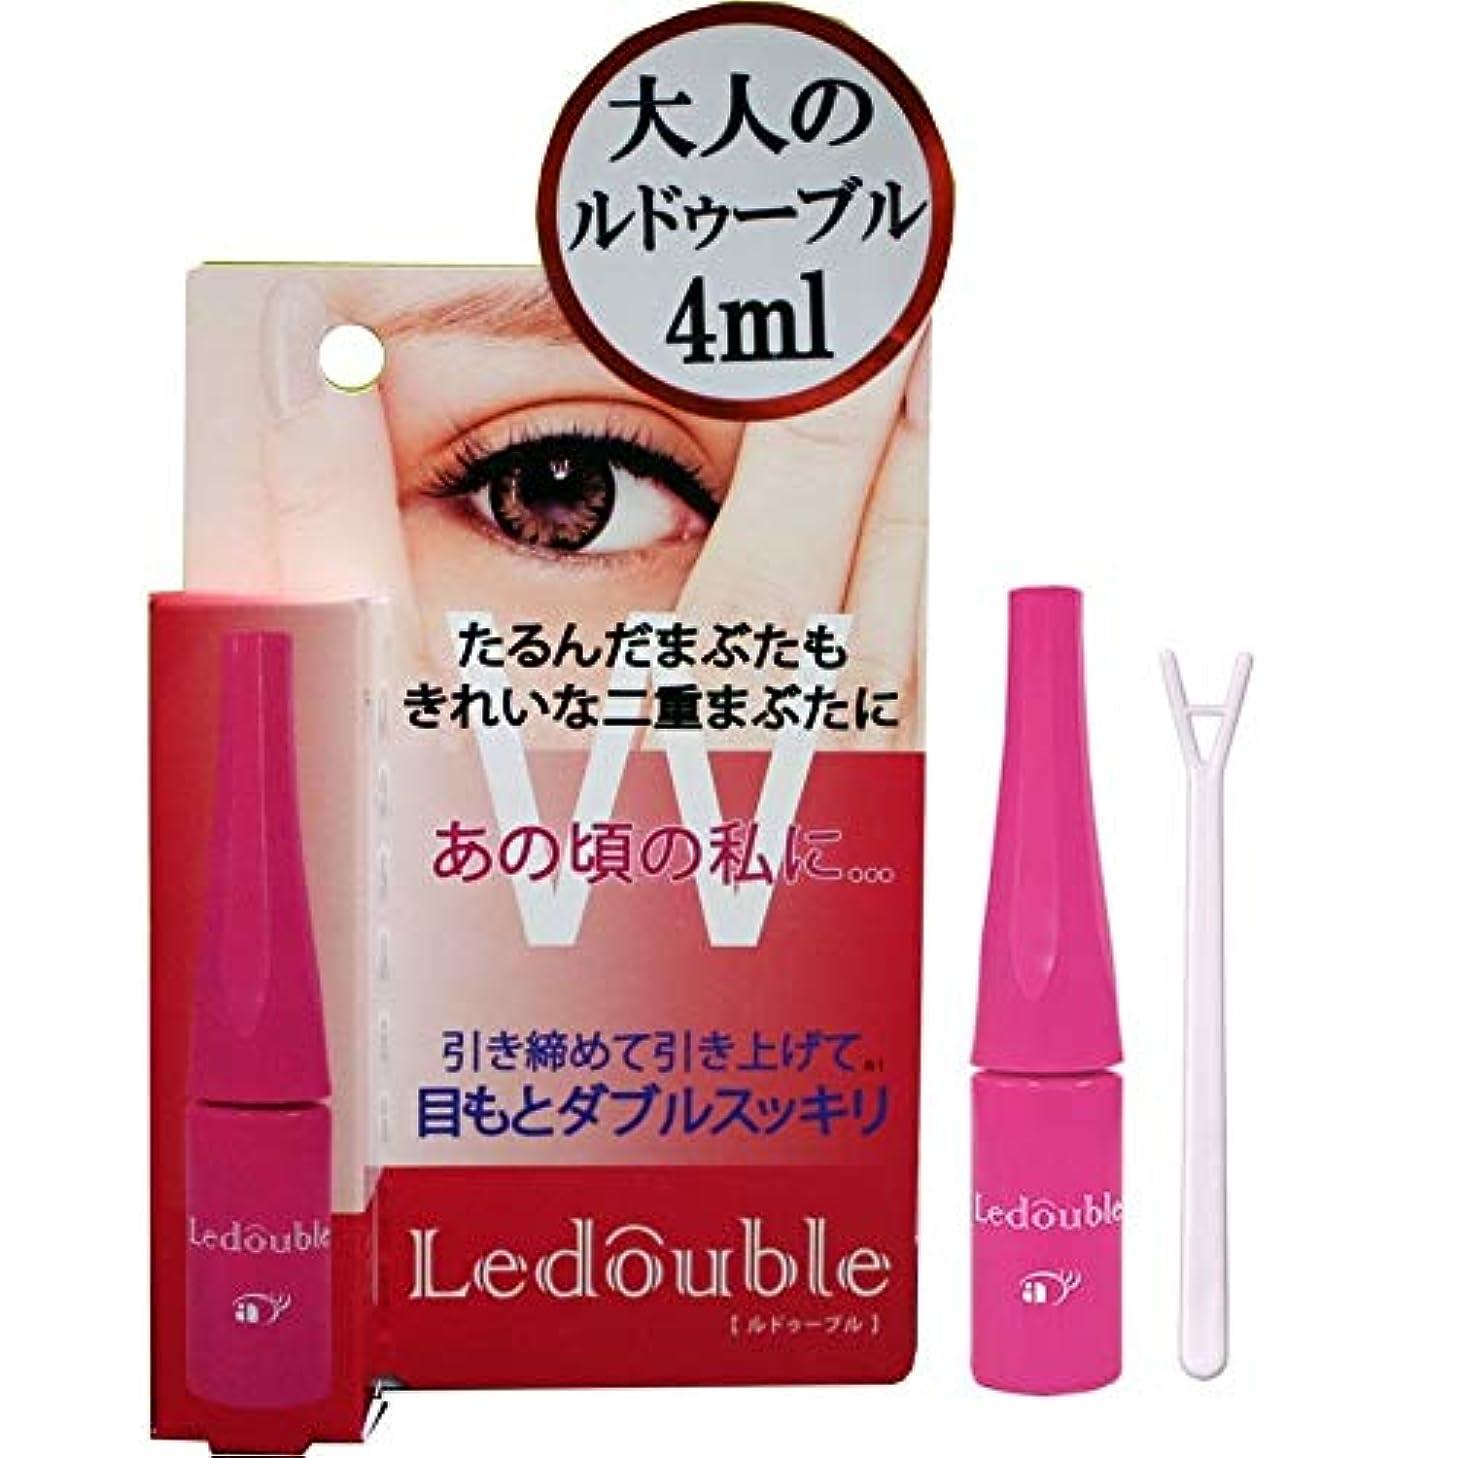 孤独大胆不敵電子大人のLedouble [大人のルドゥーブル] 二重まぶた化粧品 (4mL)